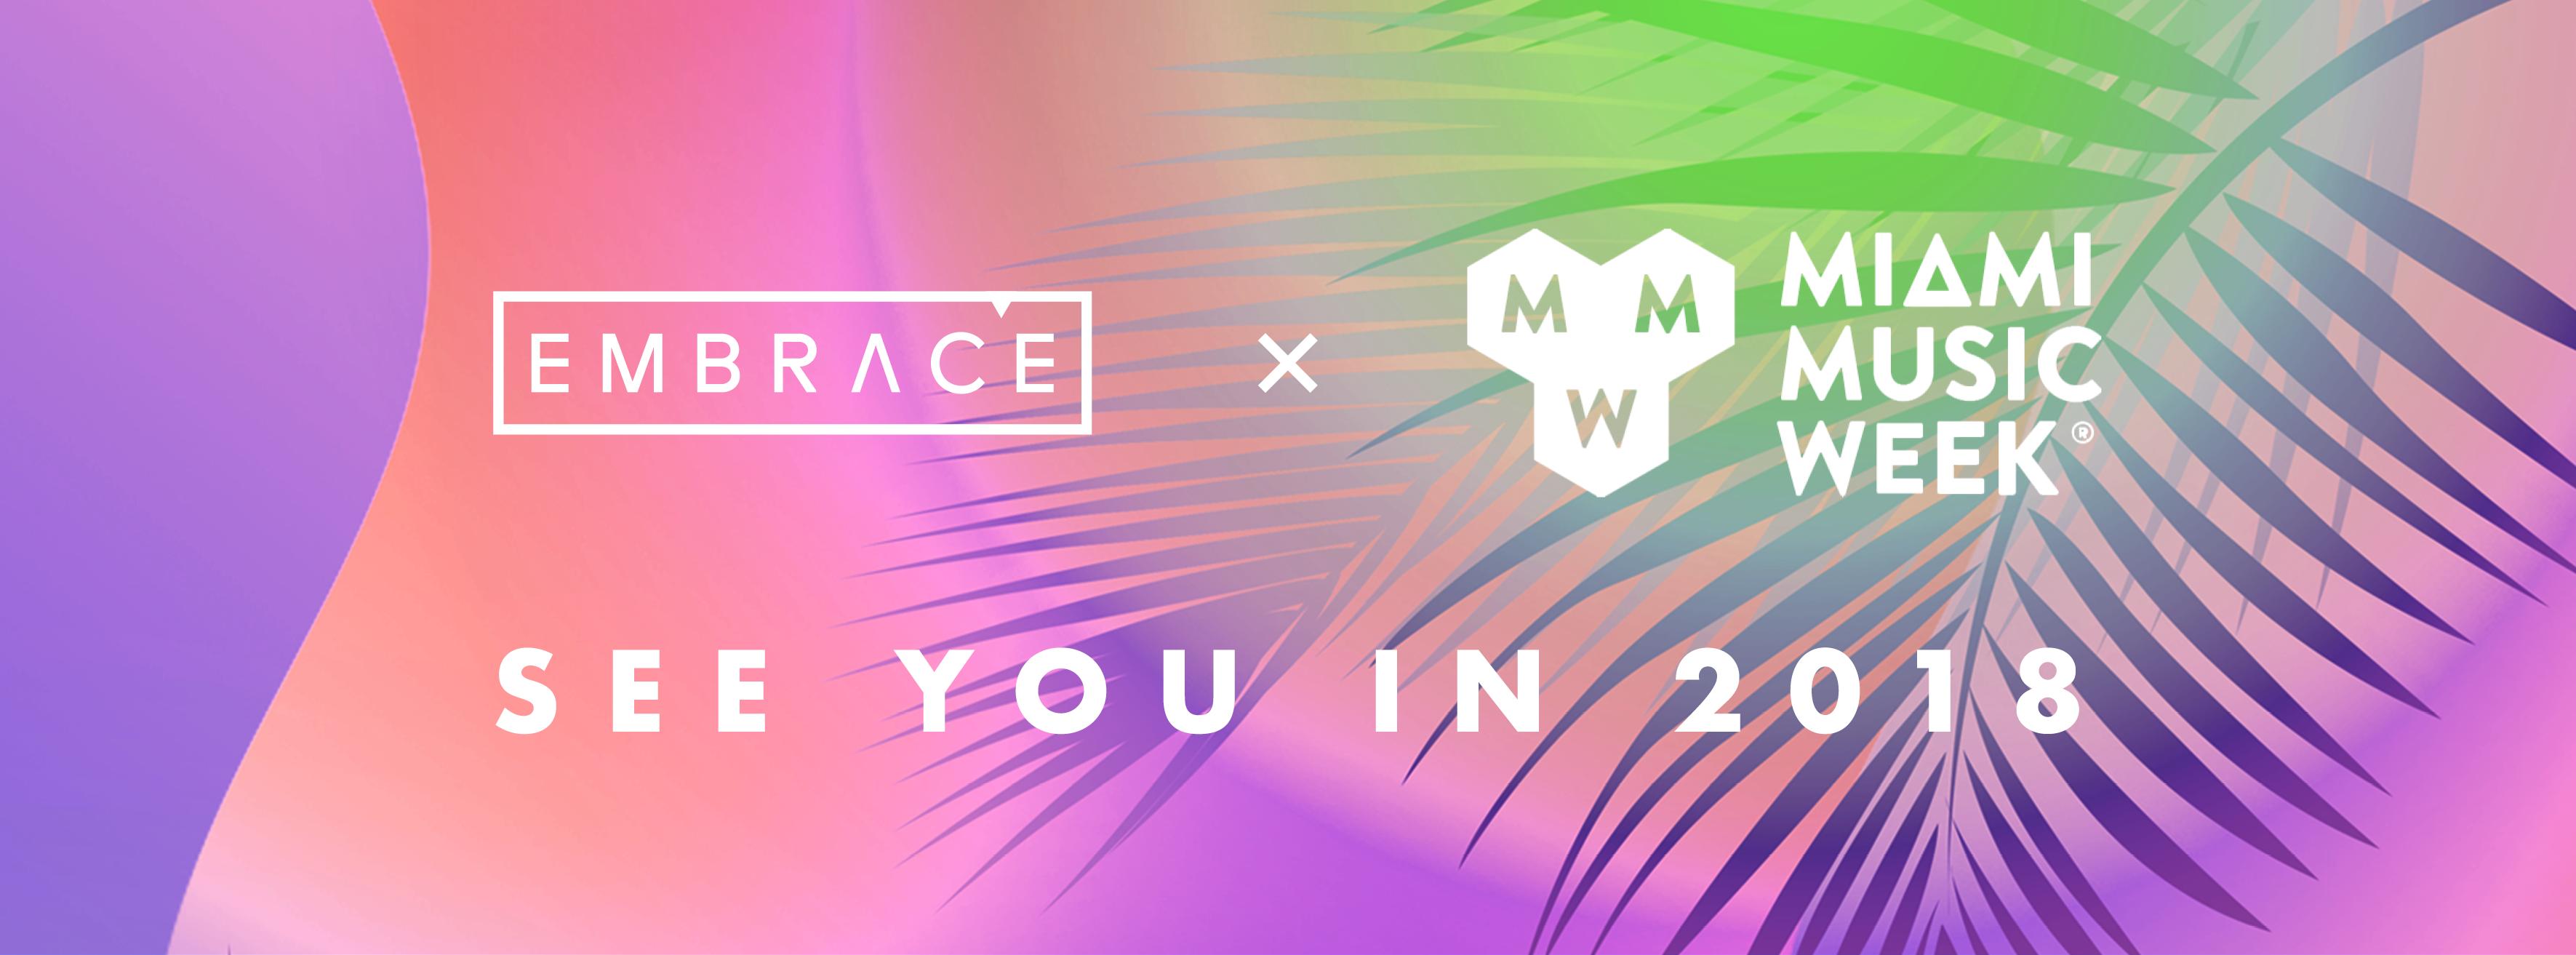 Miami Music Week 2017